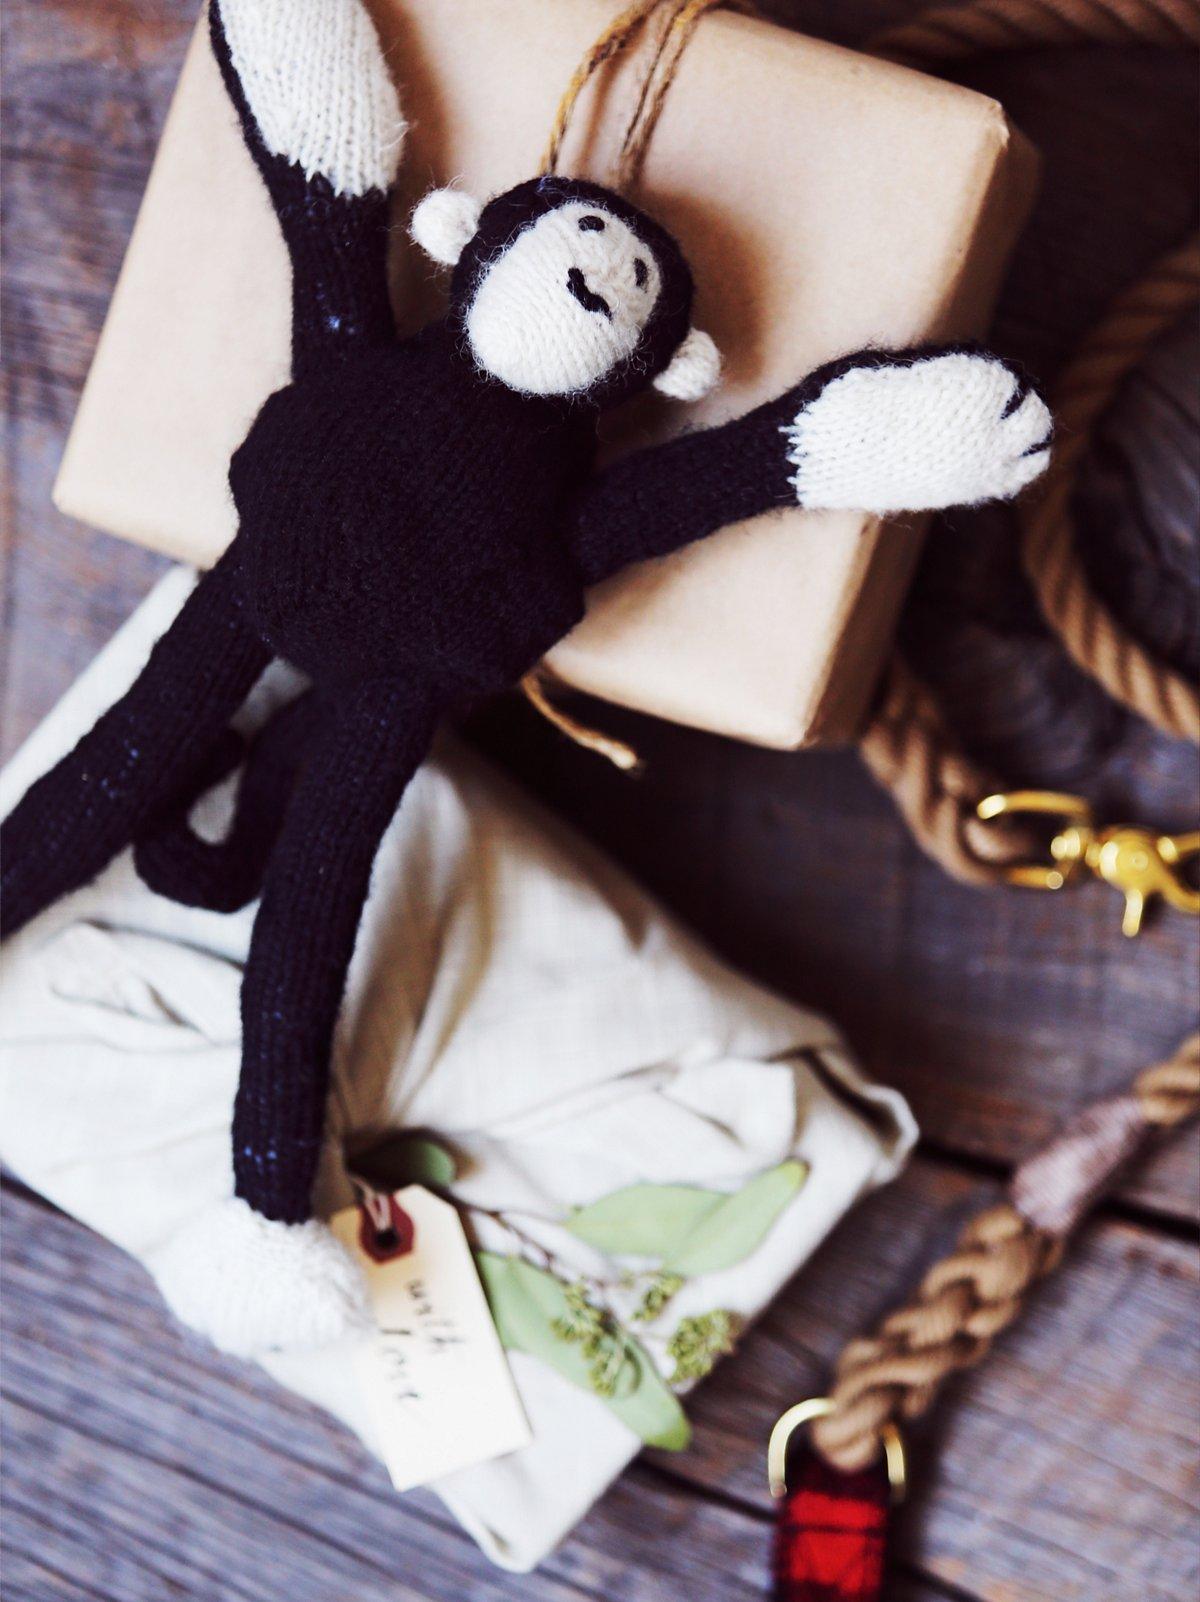 Hand Knit Monkey Toy